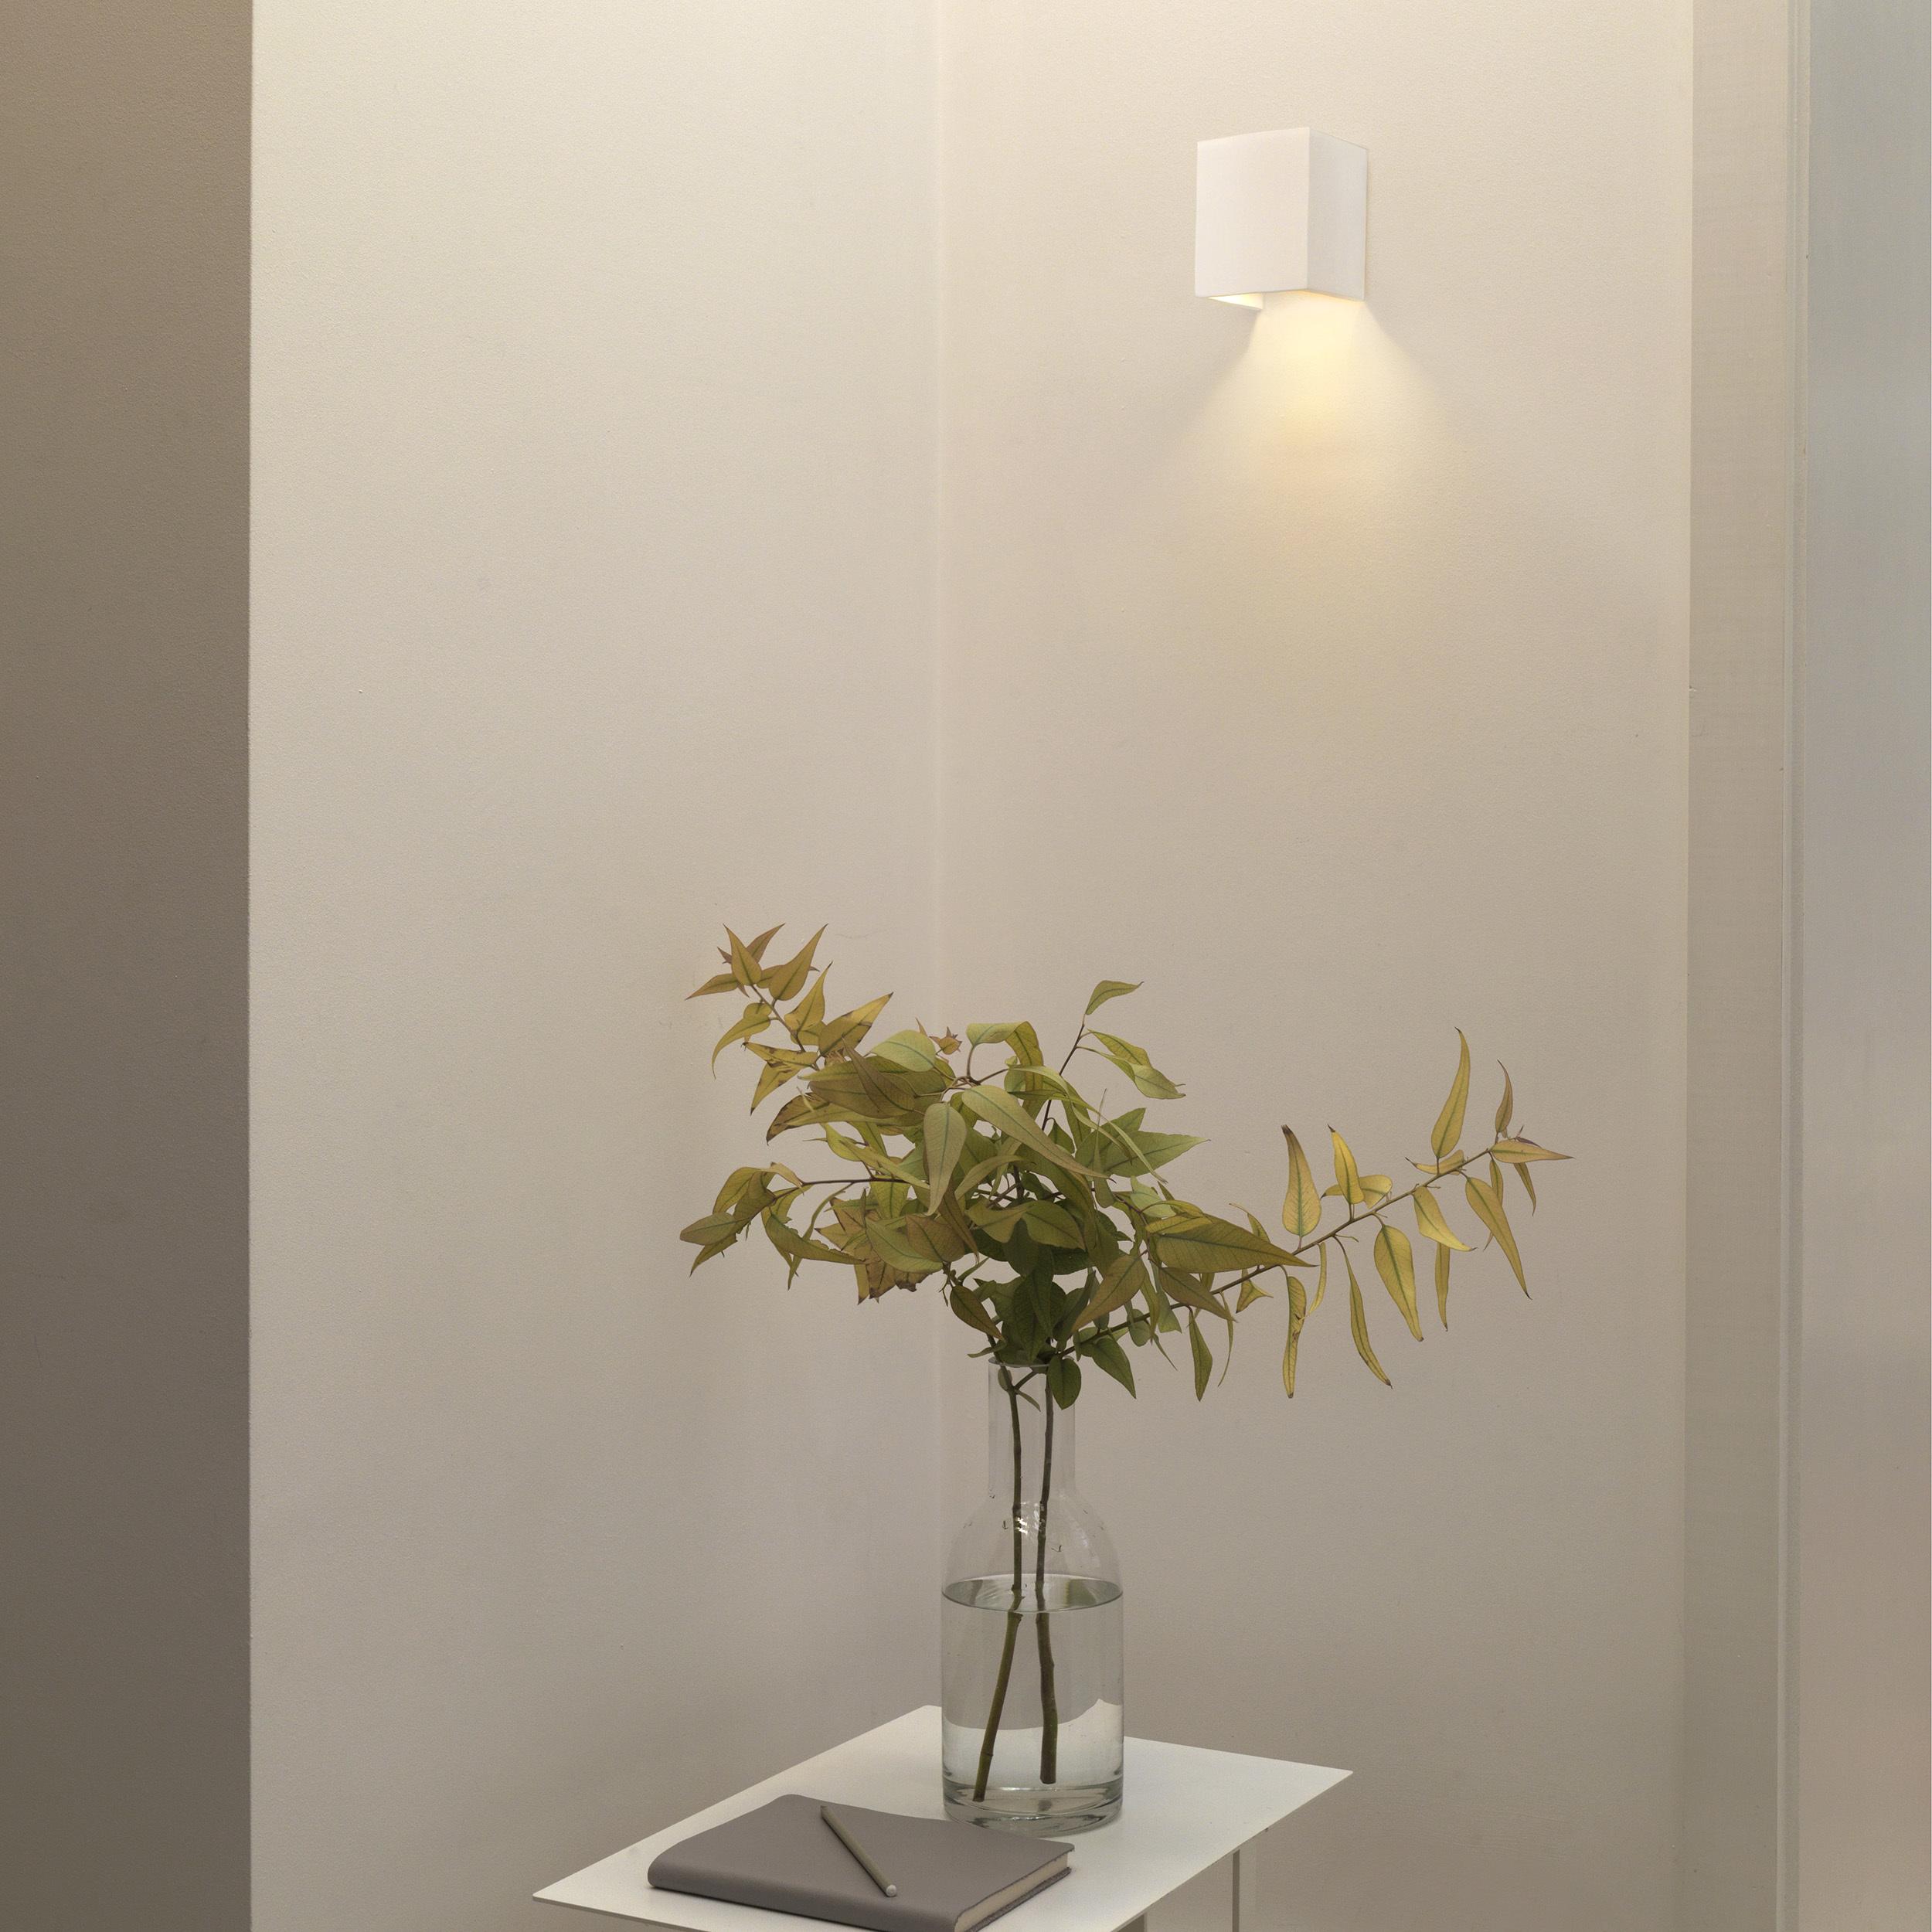 Настенный светодиодный светильник Astro Parma 1187004 (7019), LED 3,98W 3000K 104.3lm CRI80, белый, под покраску, гипс - фото 5